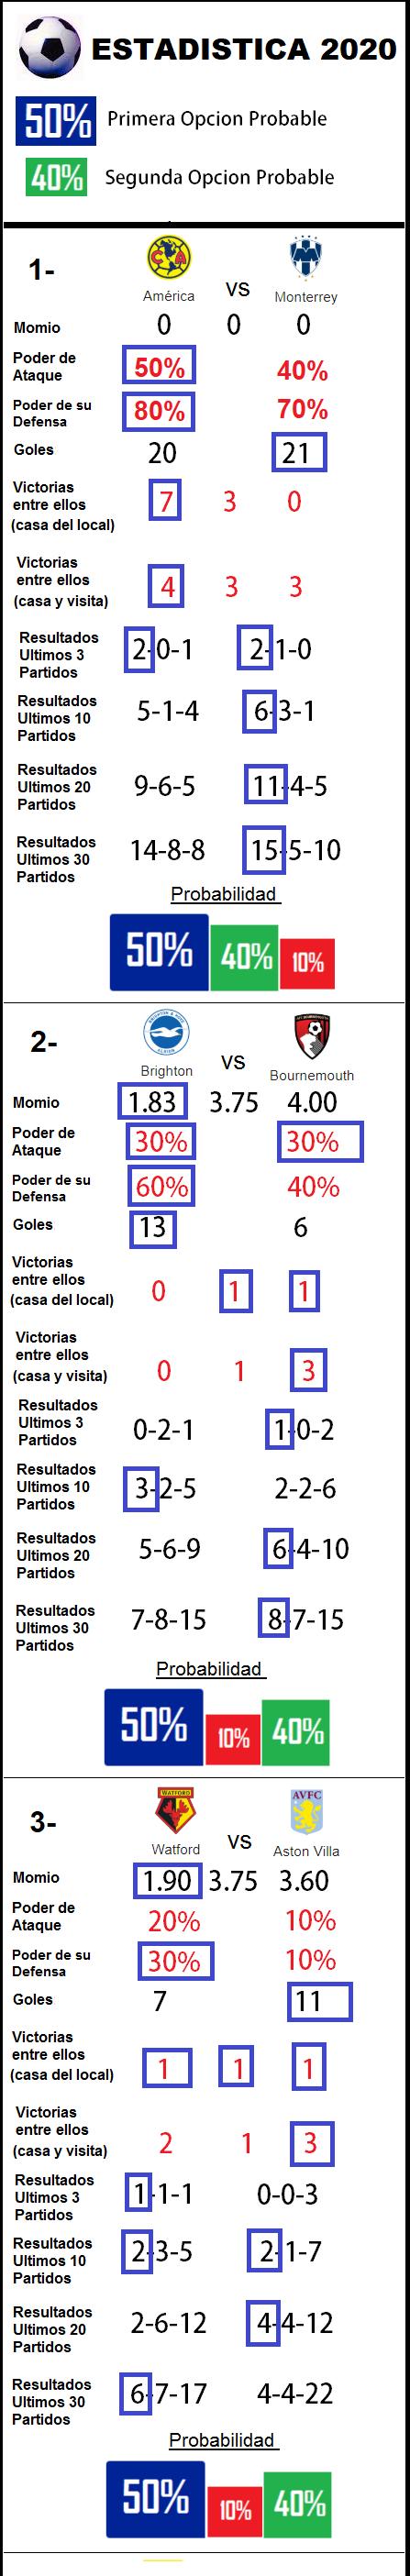 3-Partidos-Progol-2020